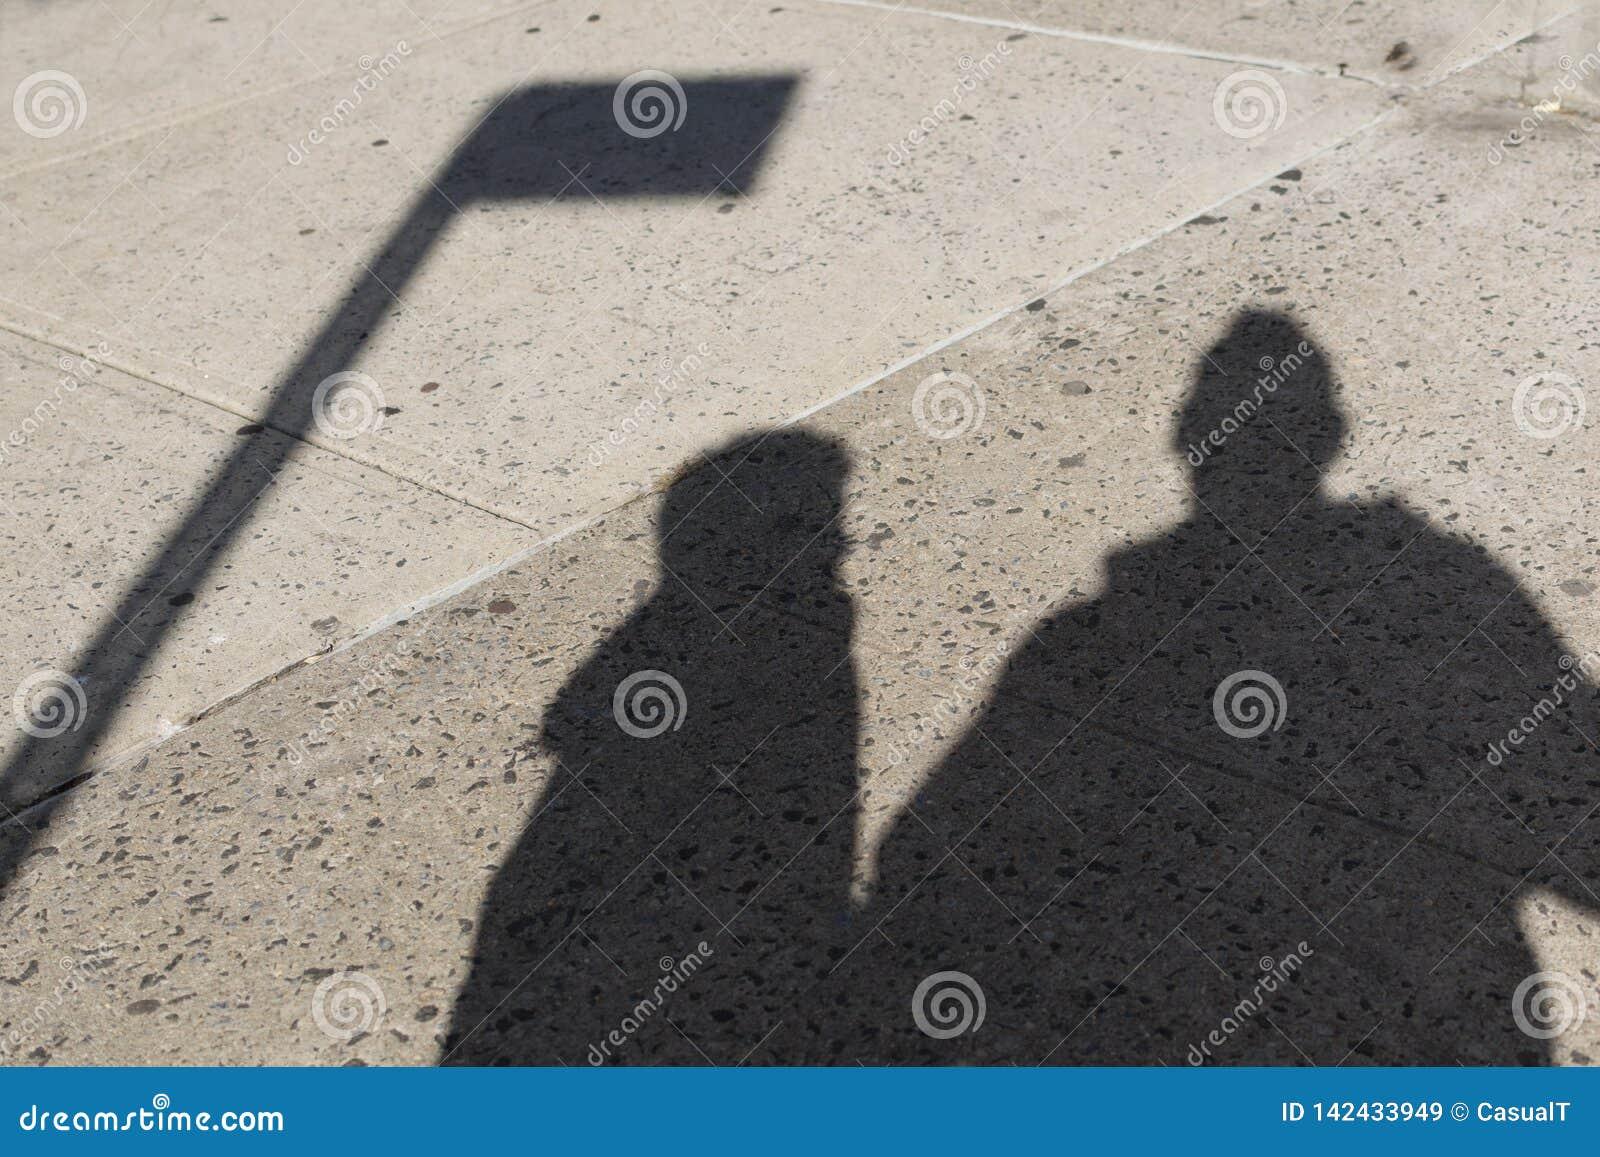 Σκιές ενός πατέρα και του γιου του σε μια τραχιά συγκεκριμένη οδό